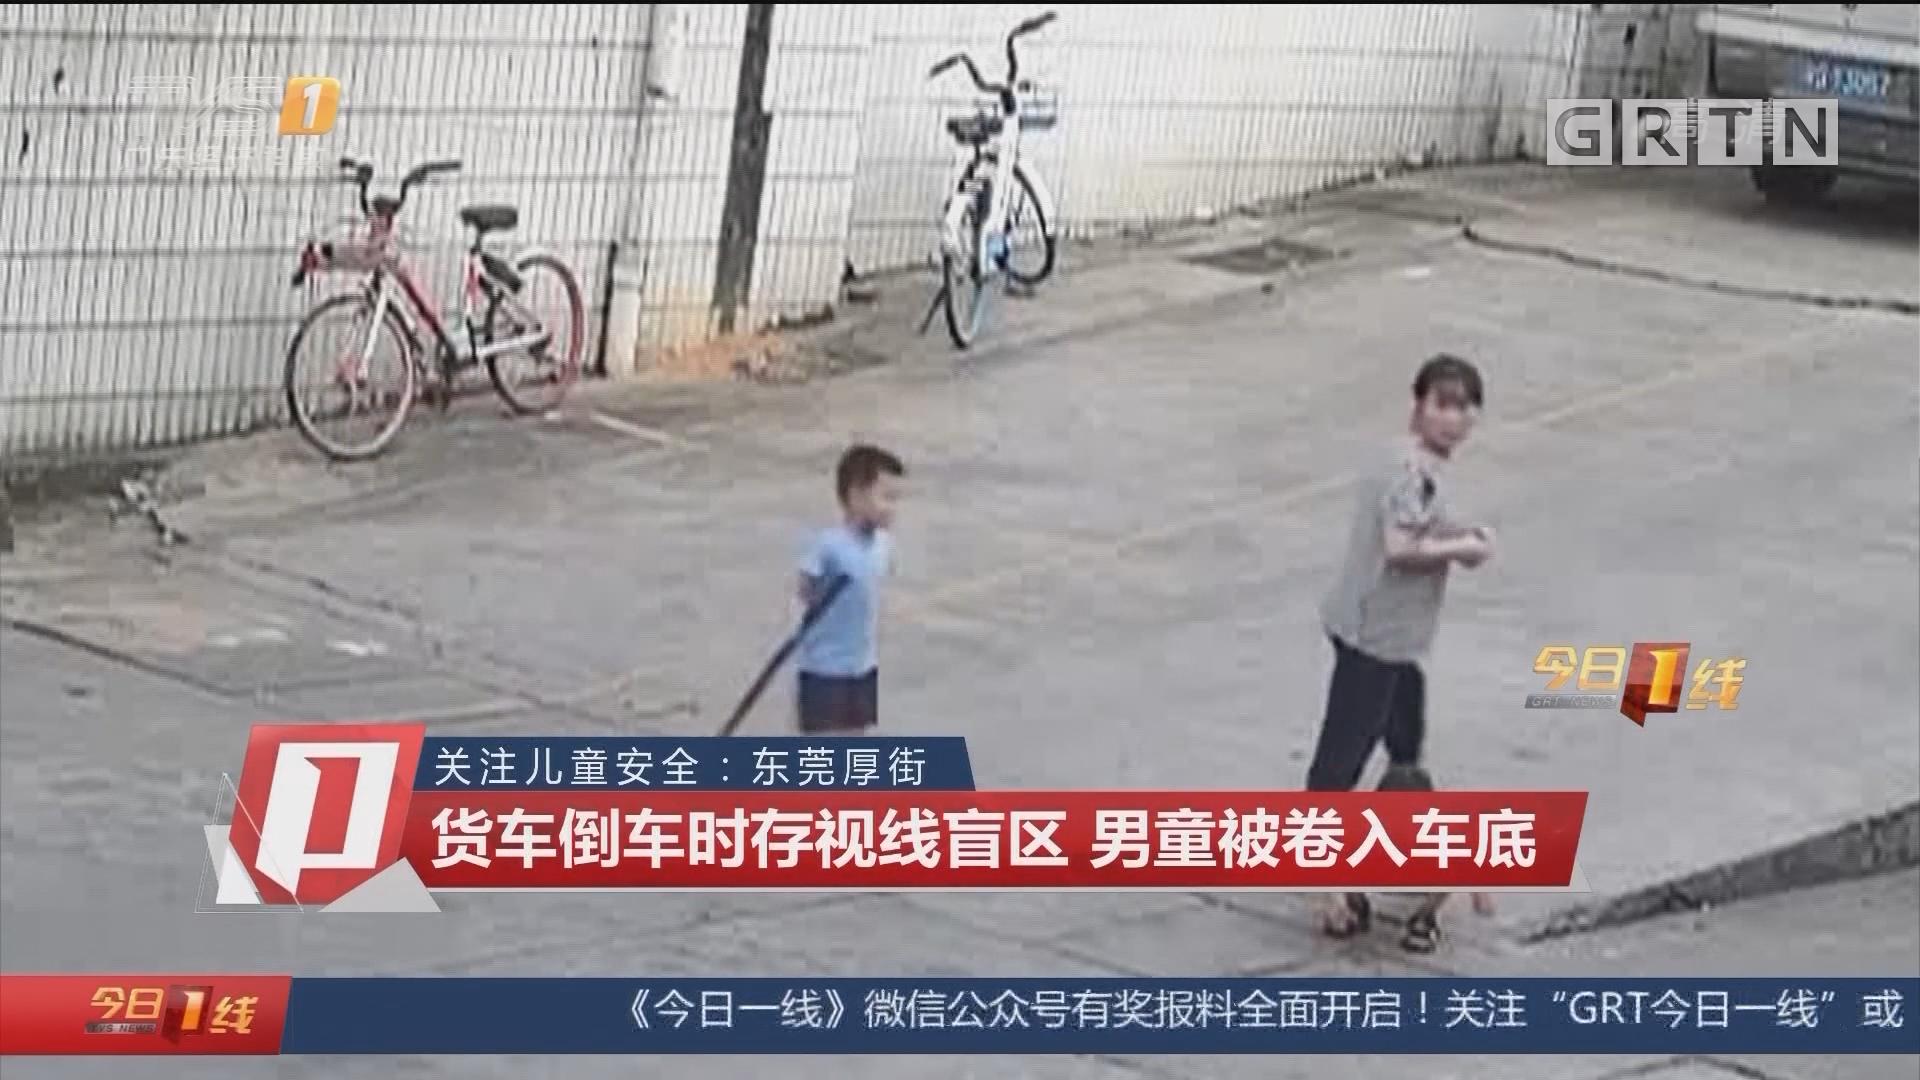 關注兒童安全:東莞厚街 貨車倒車時存視線盲區 男童被卷入車底